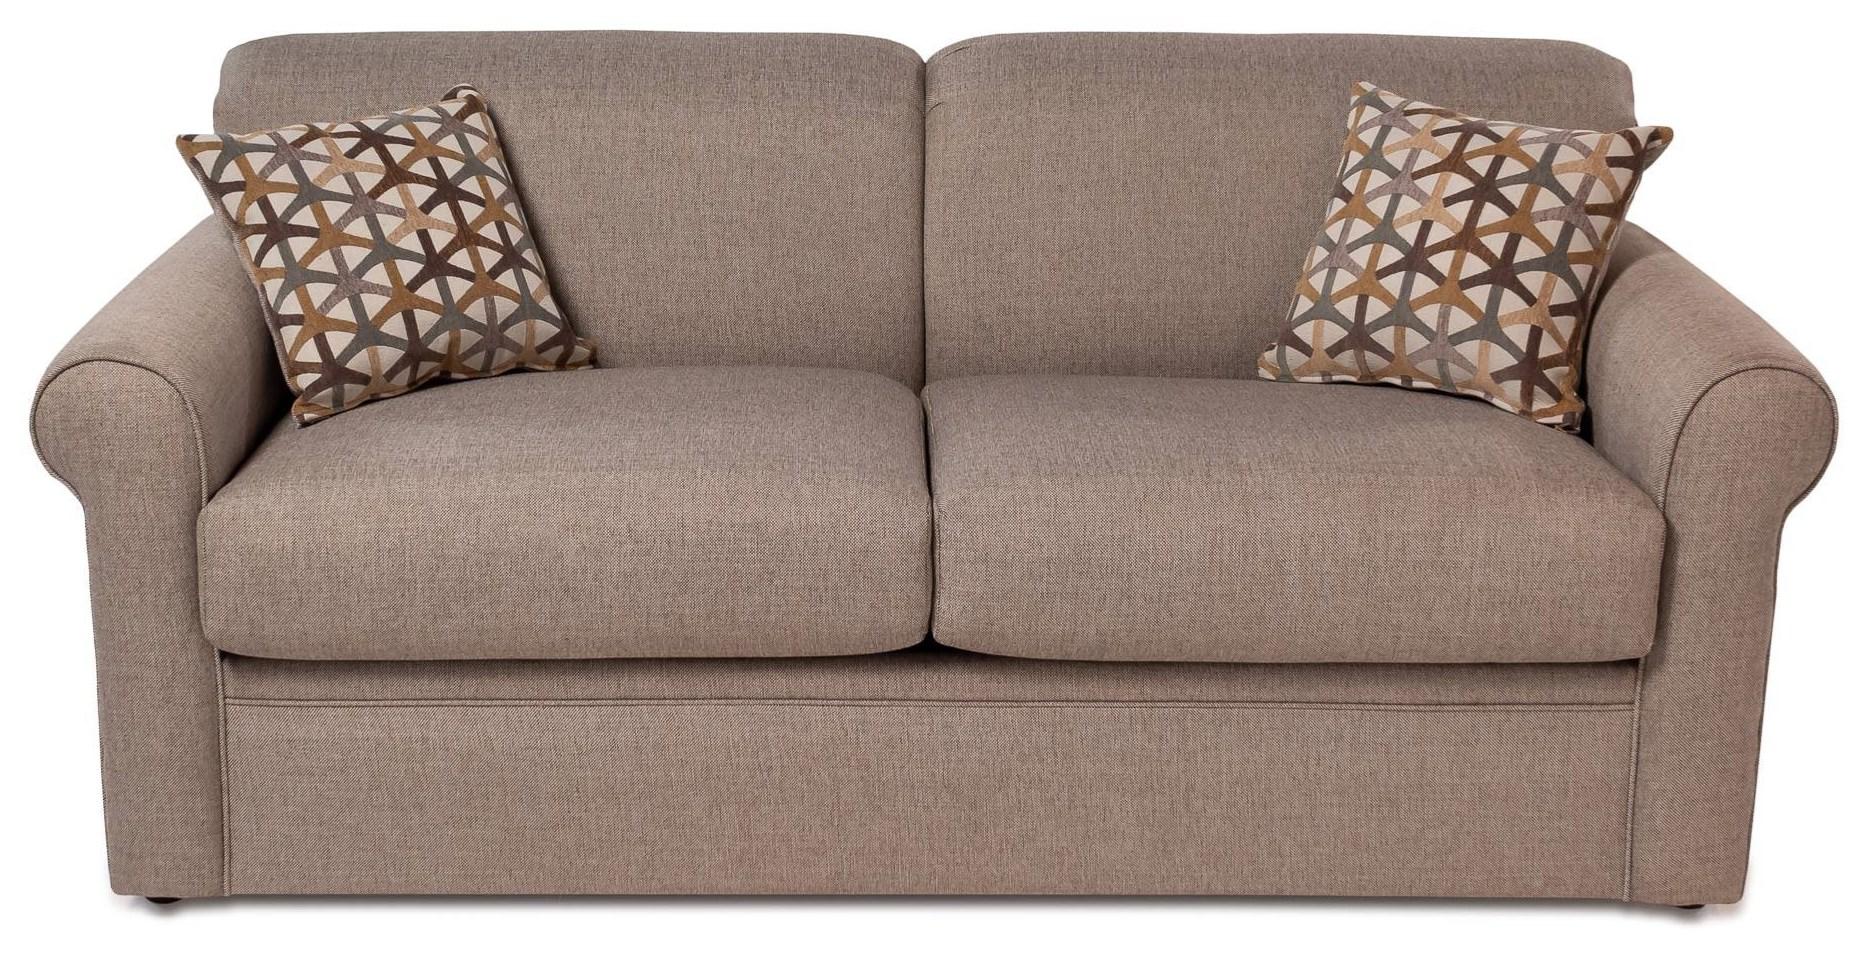 Full Sleep Sofa